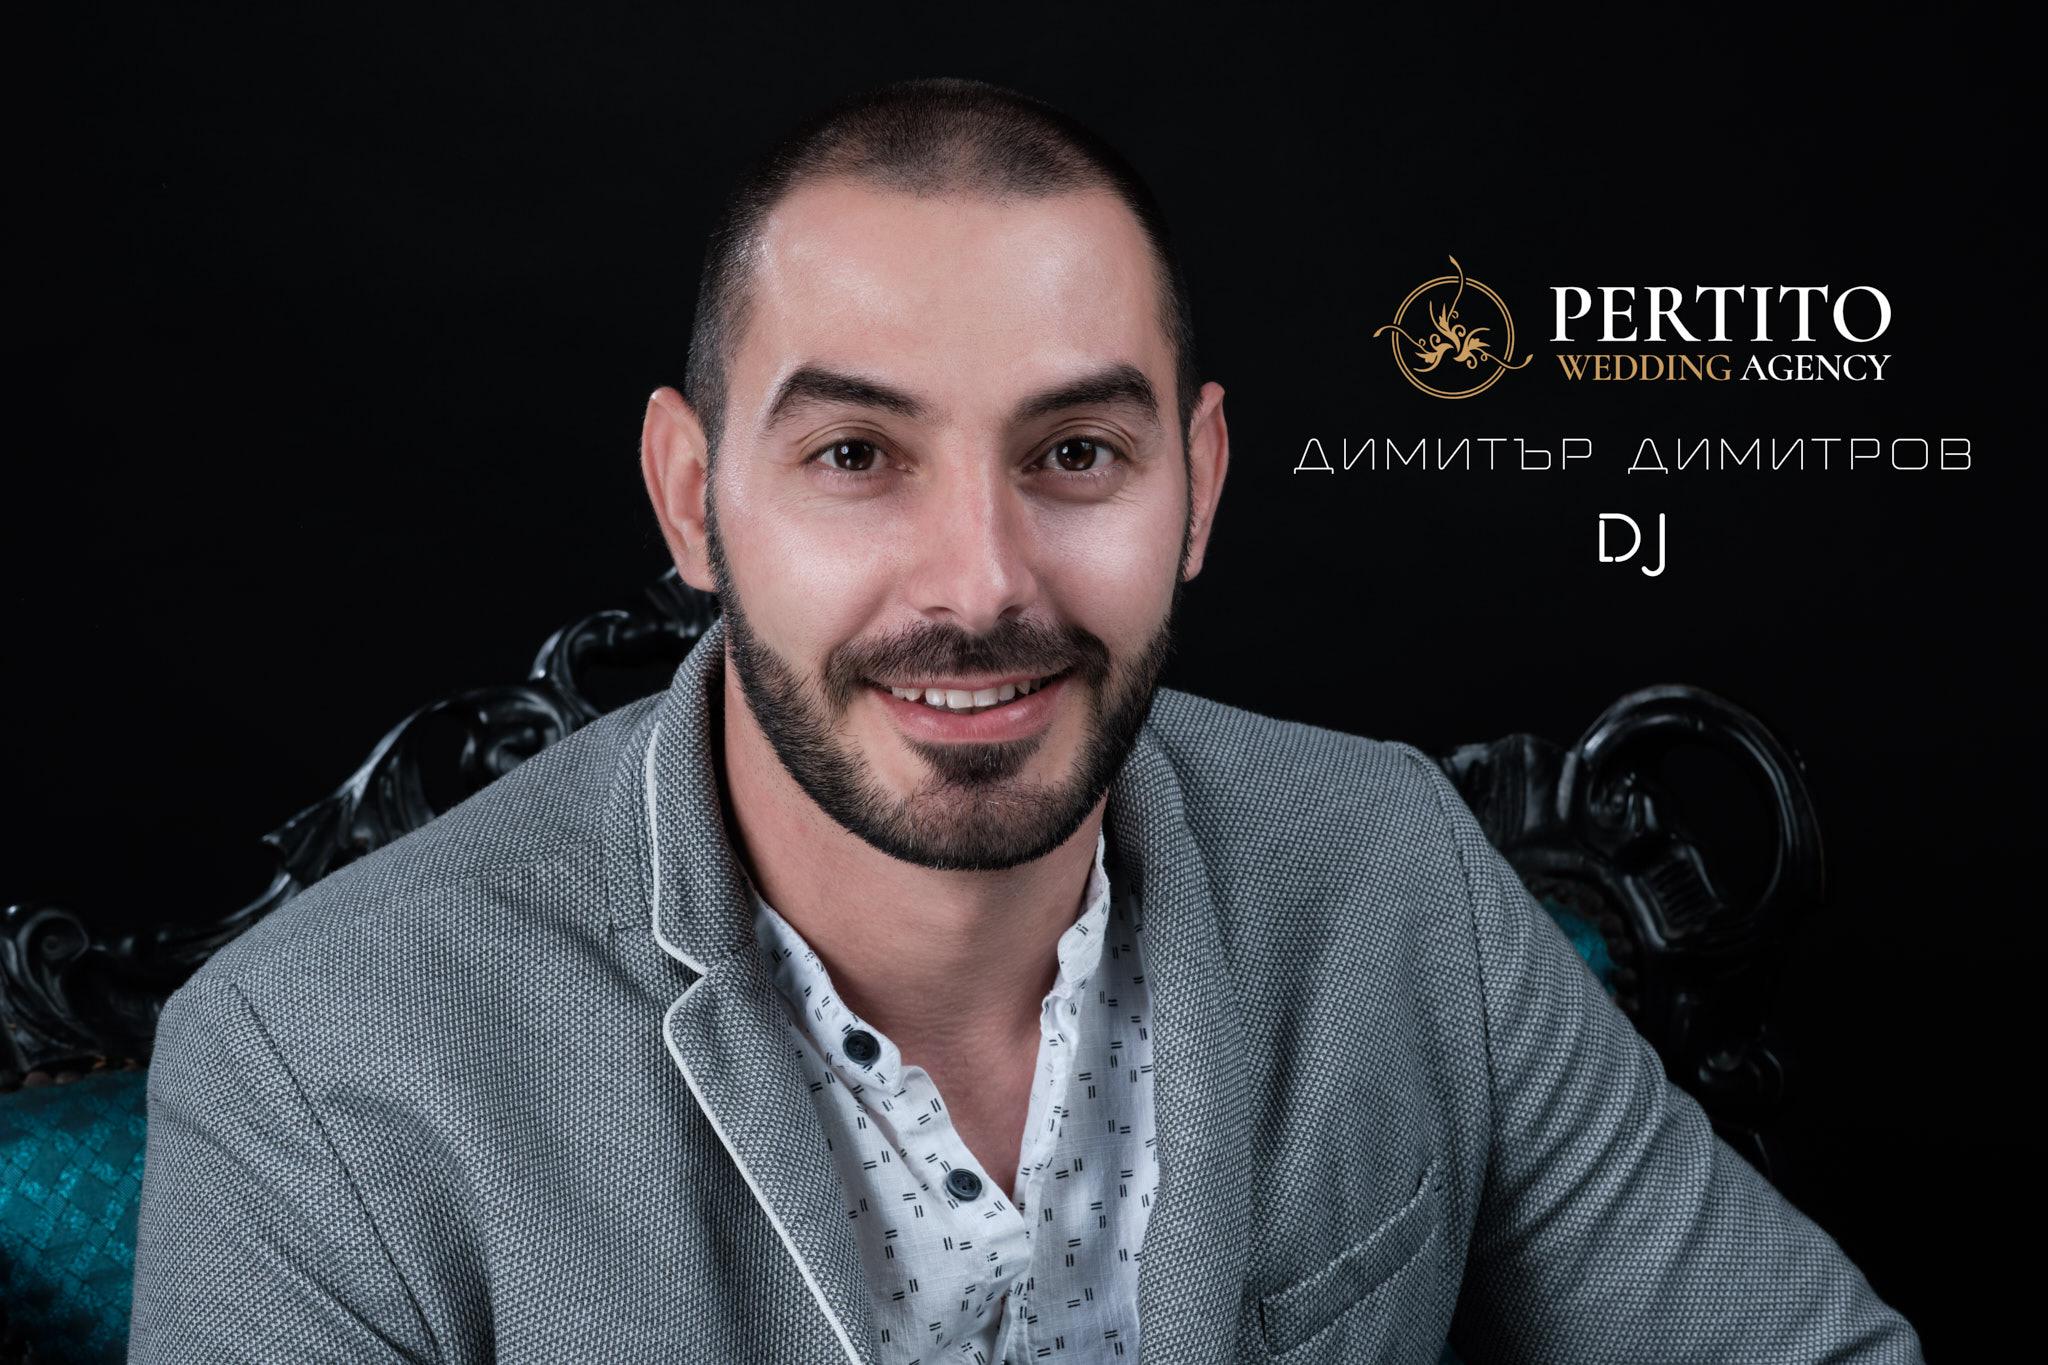 Димитър Димитров - DJ Mitko - Пертито